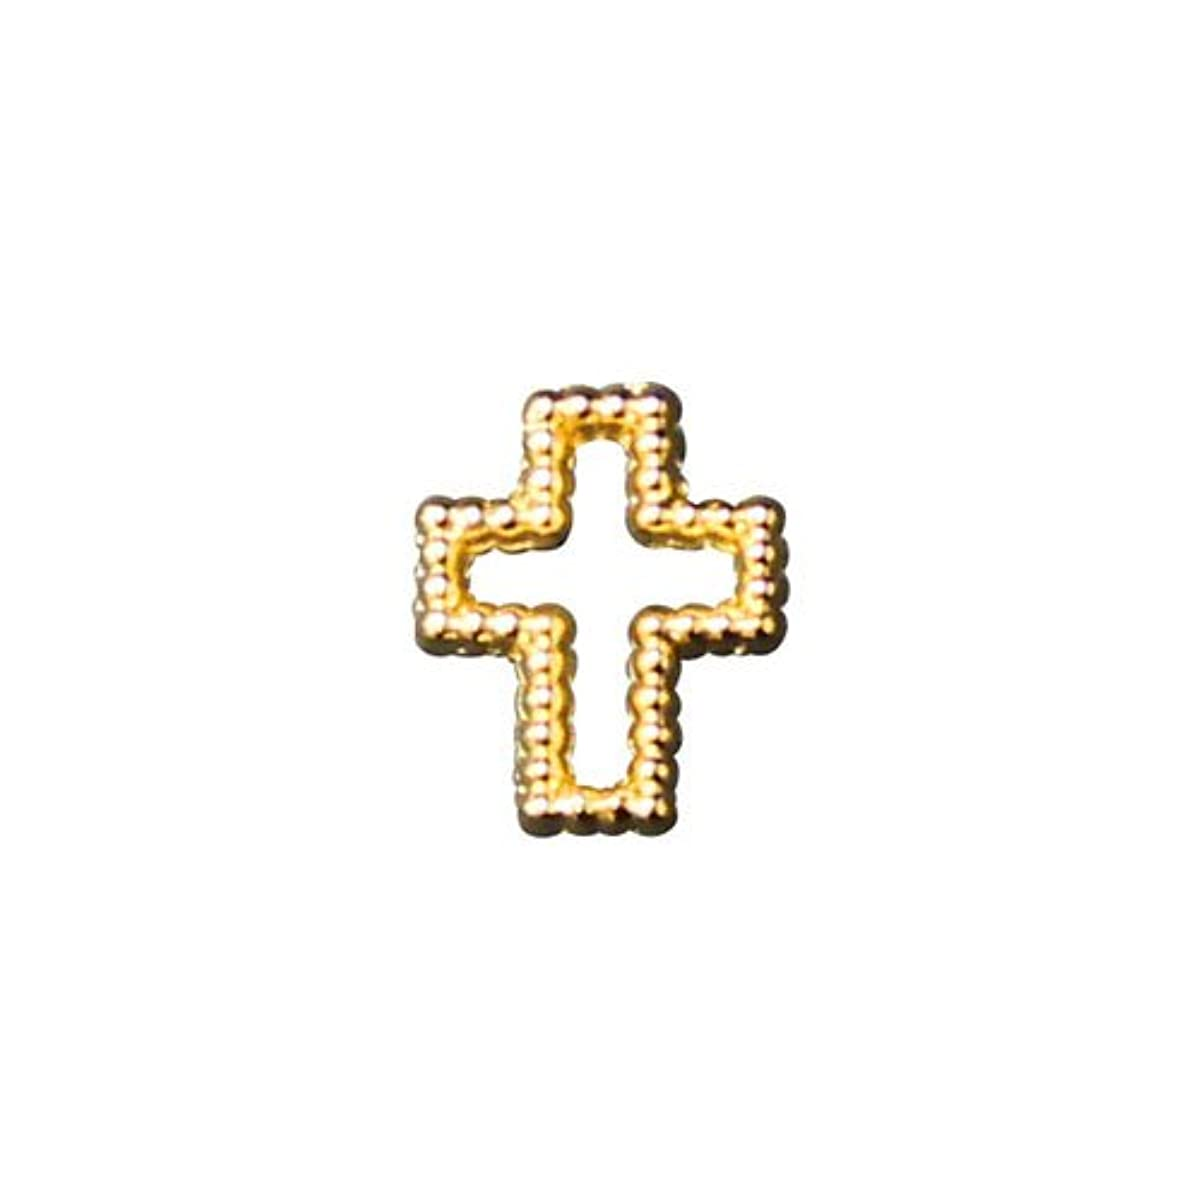 目の前の魅惑する彫刻プリティーネイル ネイルアートパーツ ブリオンクロス2 M ゴールド 12個